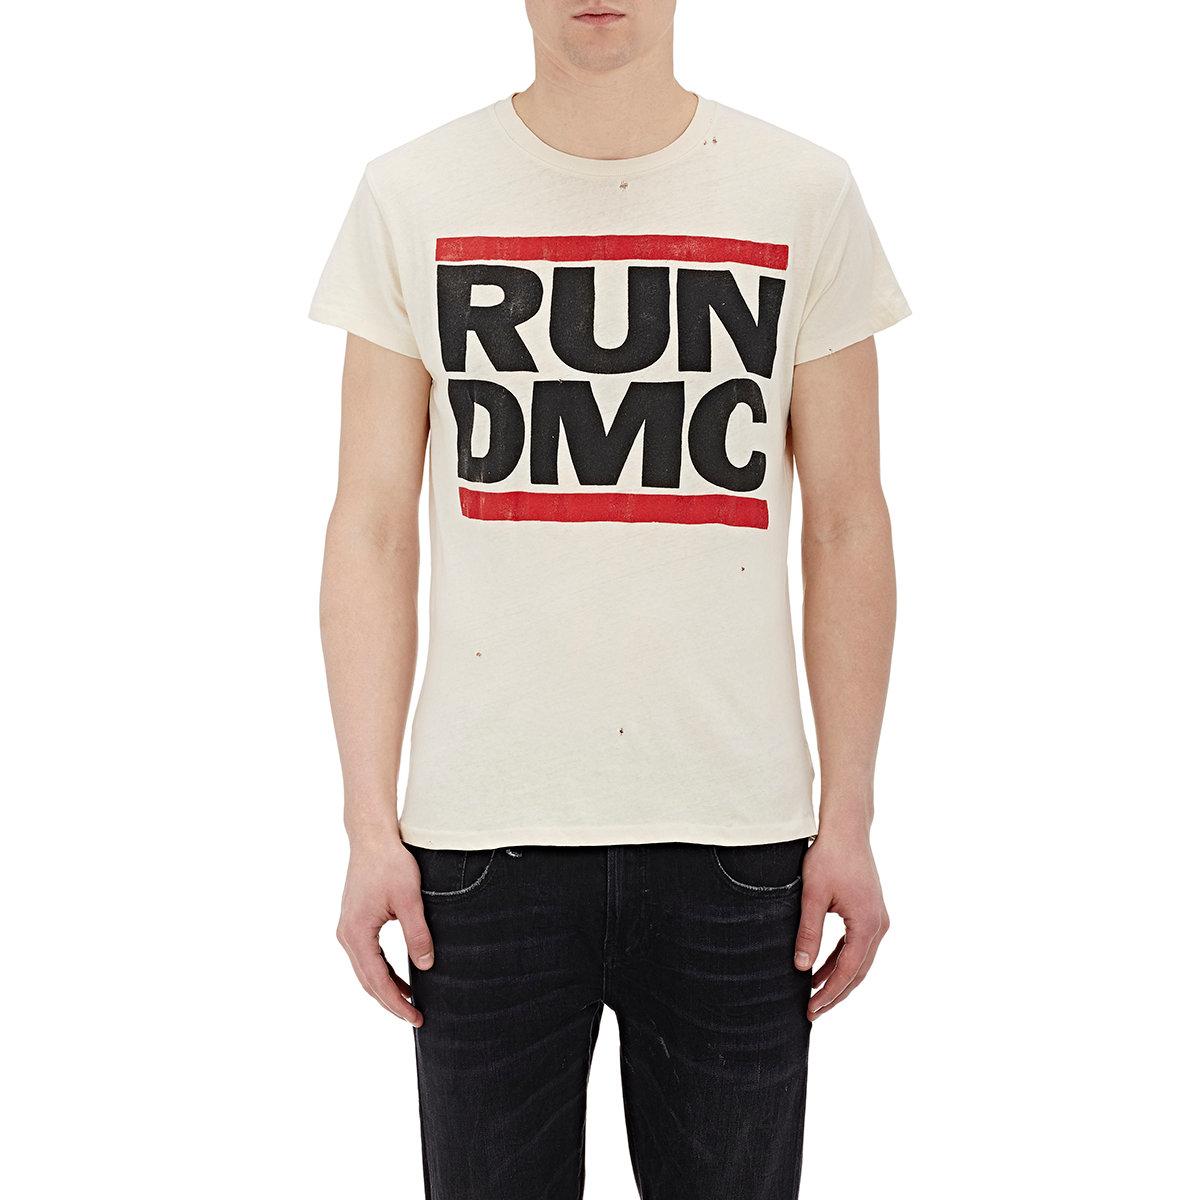 lyst madeworn men 39 s run dmc t shirt in white for men. Black Bedroom Furniture Sets. Home Design Ideas